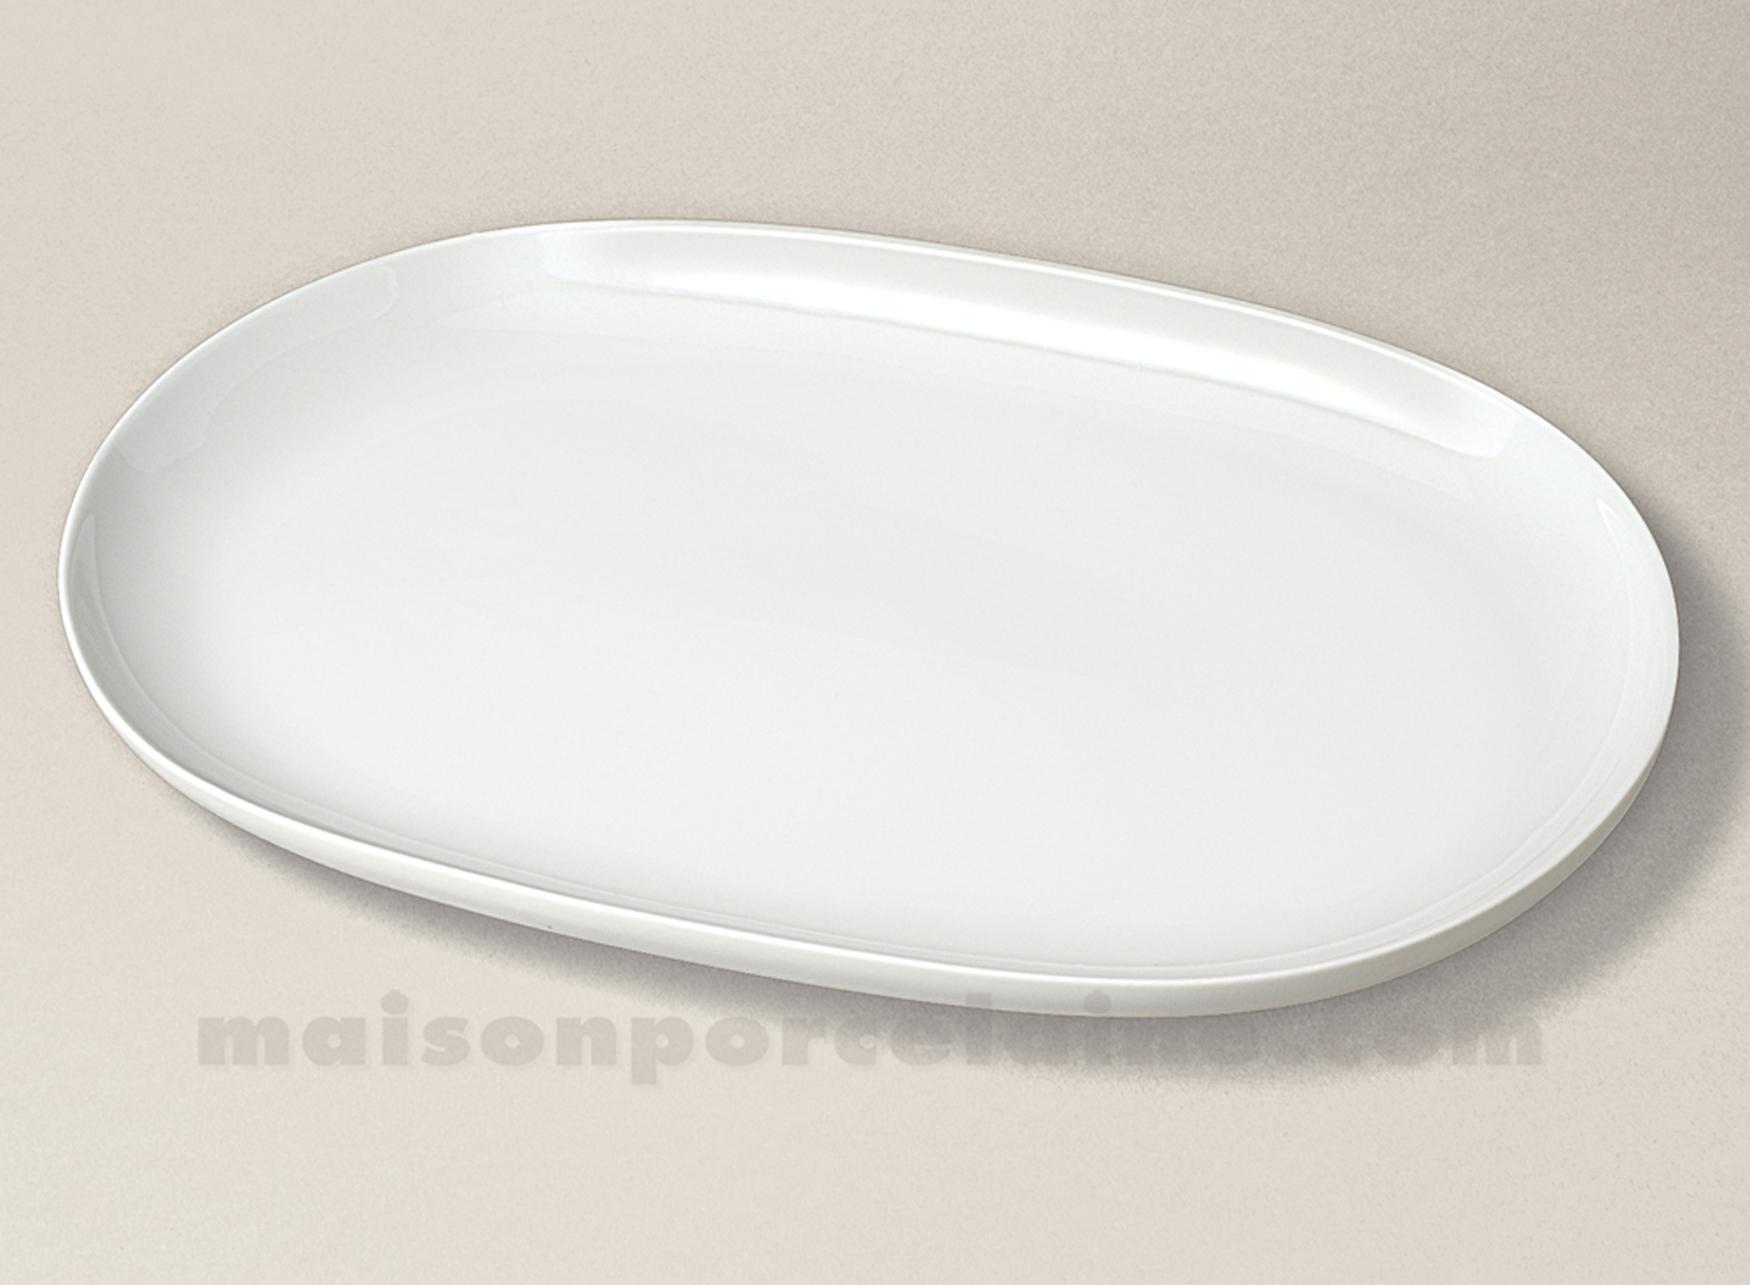 Plat ovale porcelaine blanche flandre 39x24 maison de la for Maison de la porcelaine